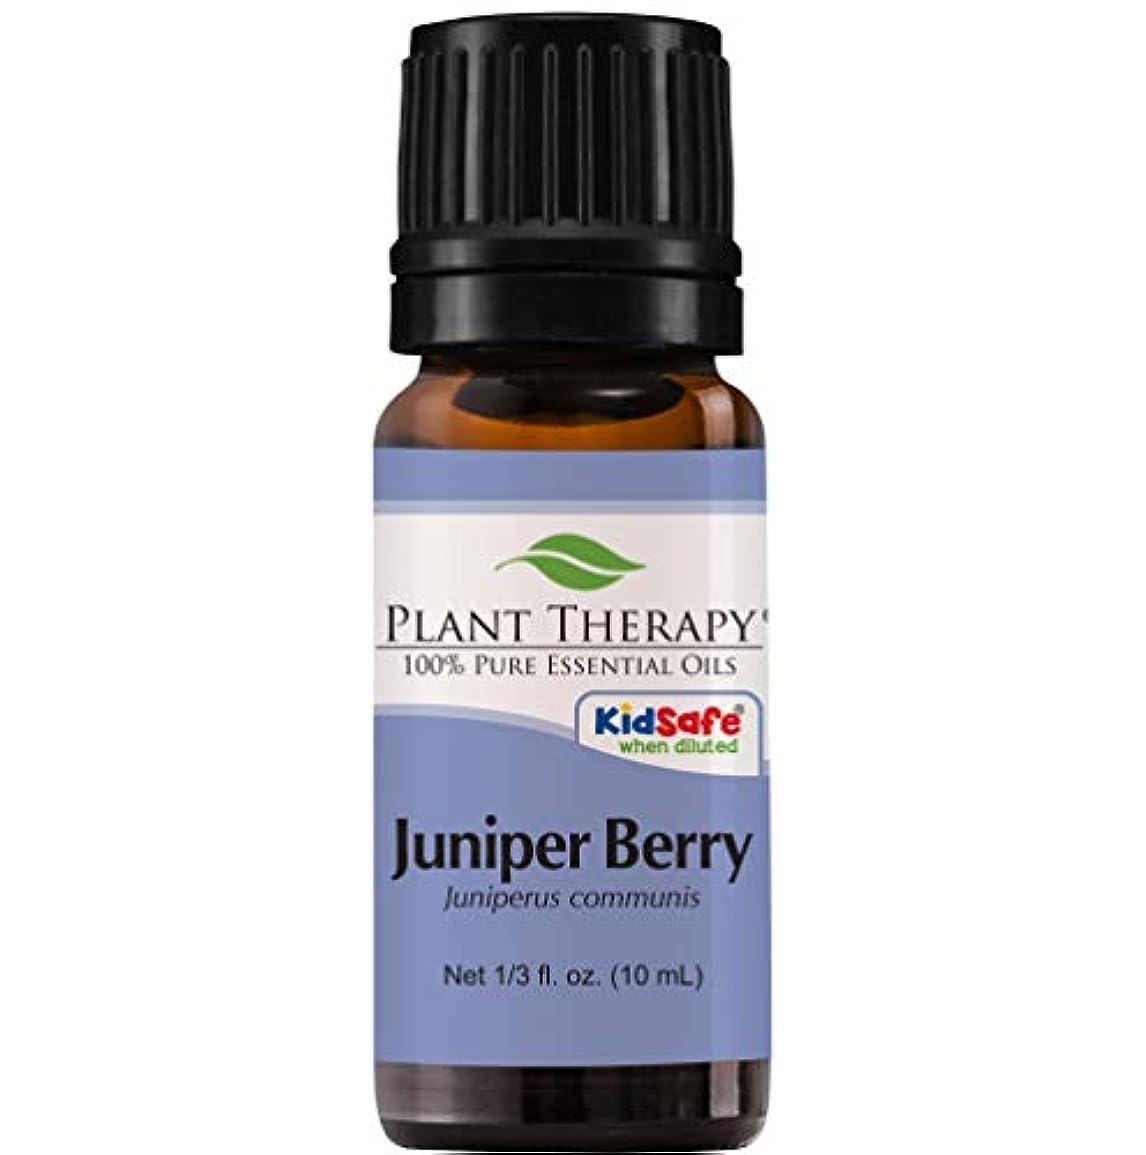 脅迫ブリード動物Plant Therapy Juniper Berry Essential Oil. 100% Pure, Undiluted, Therapeutic Grade. 10 ml (1/3 oz).